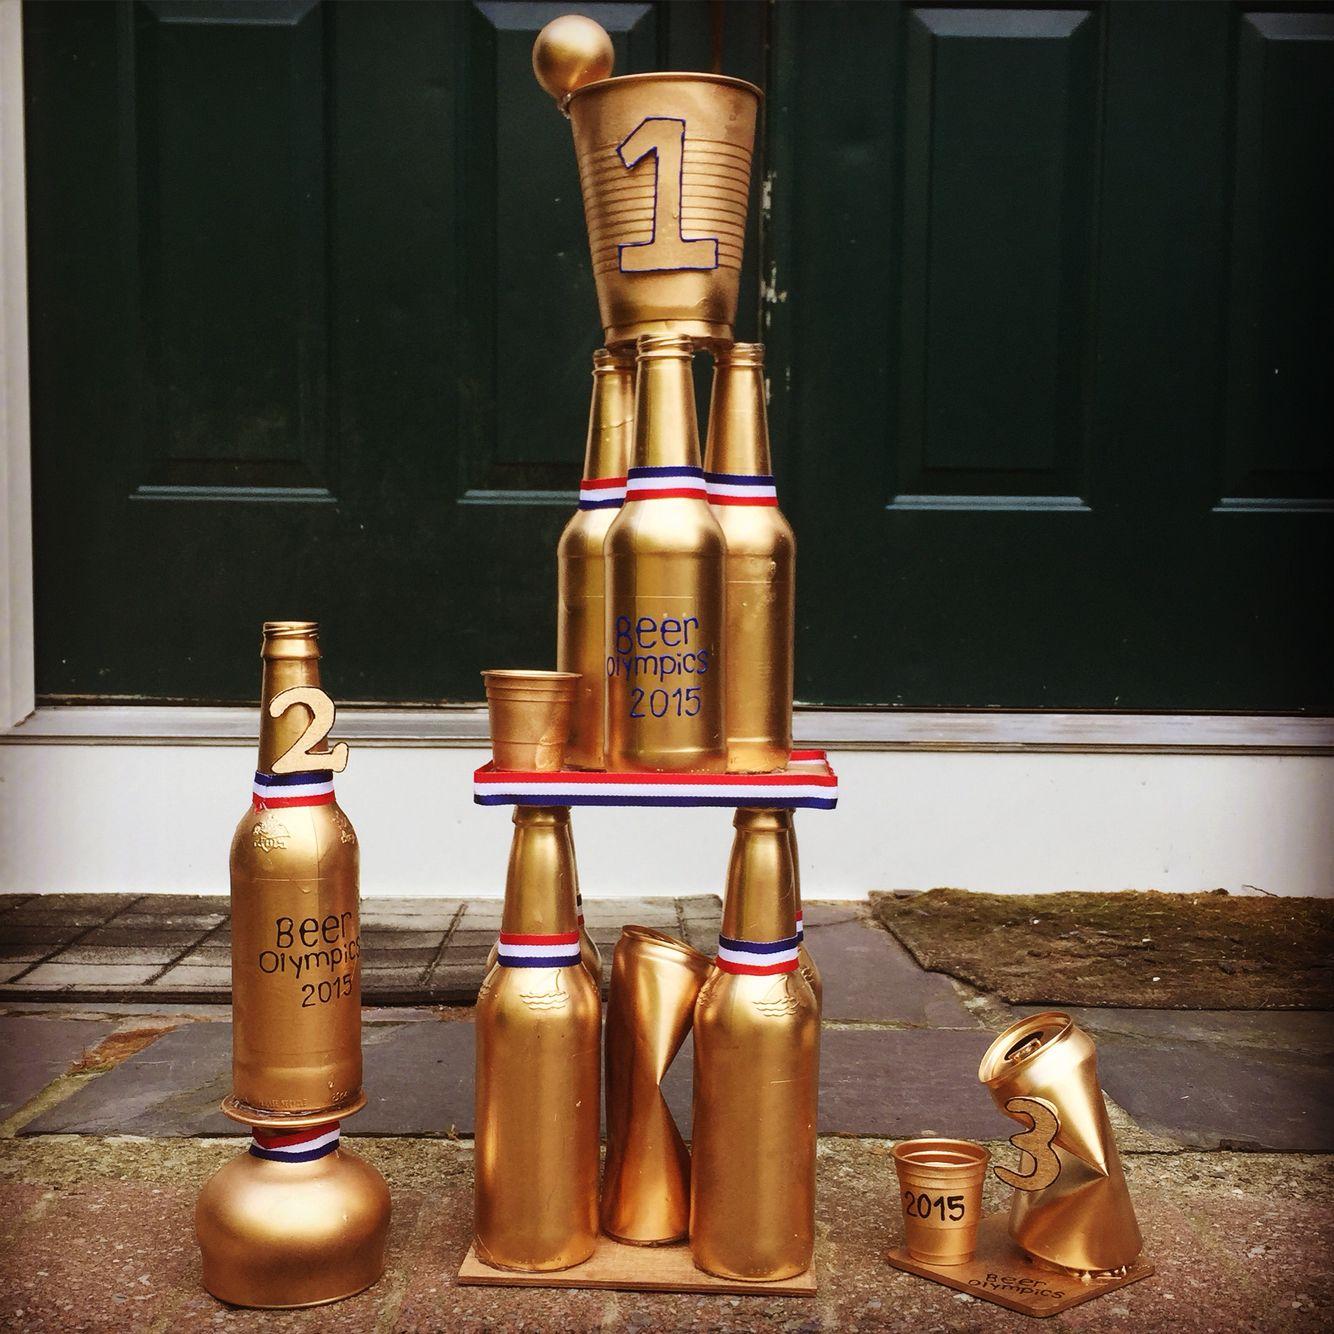 Beer Olympics trophy beerolympics beerolympicstrophy